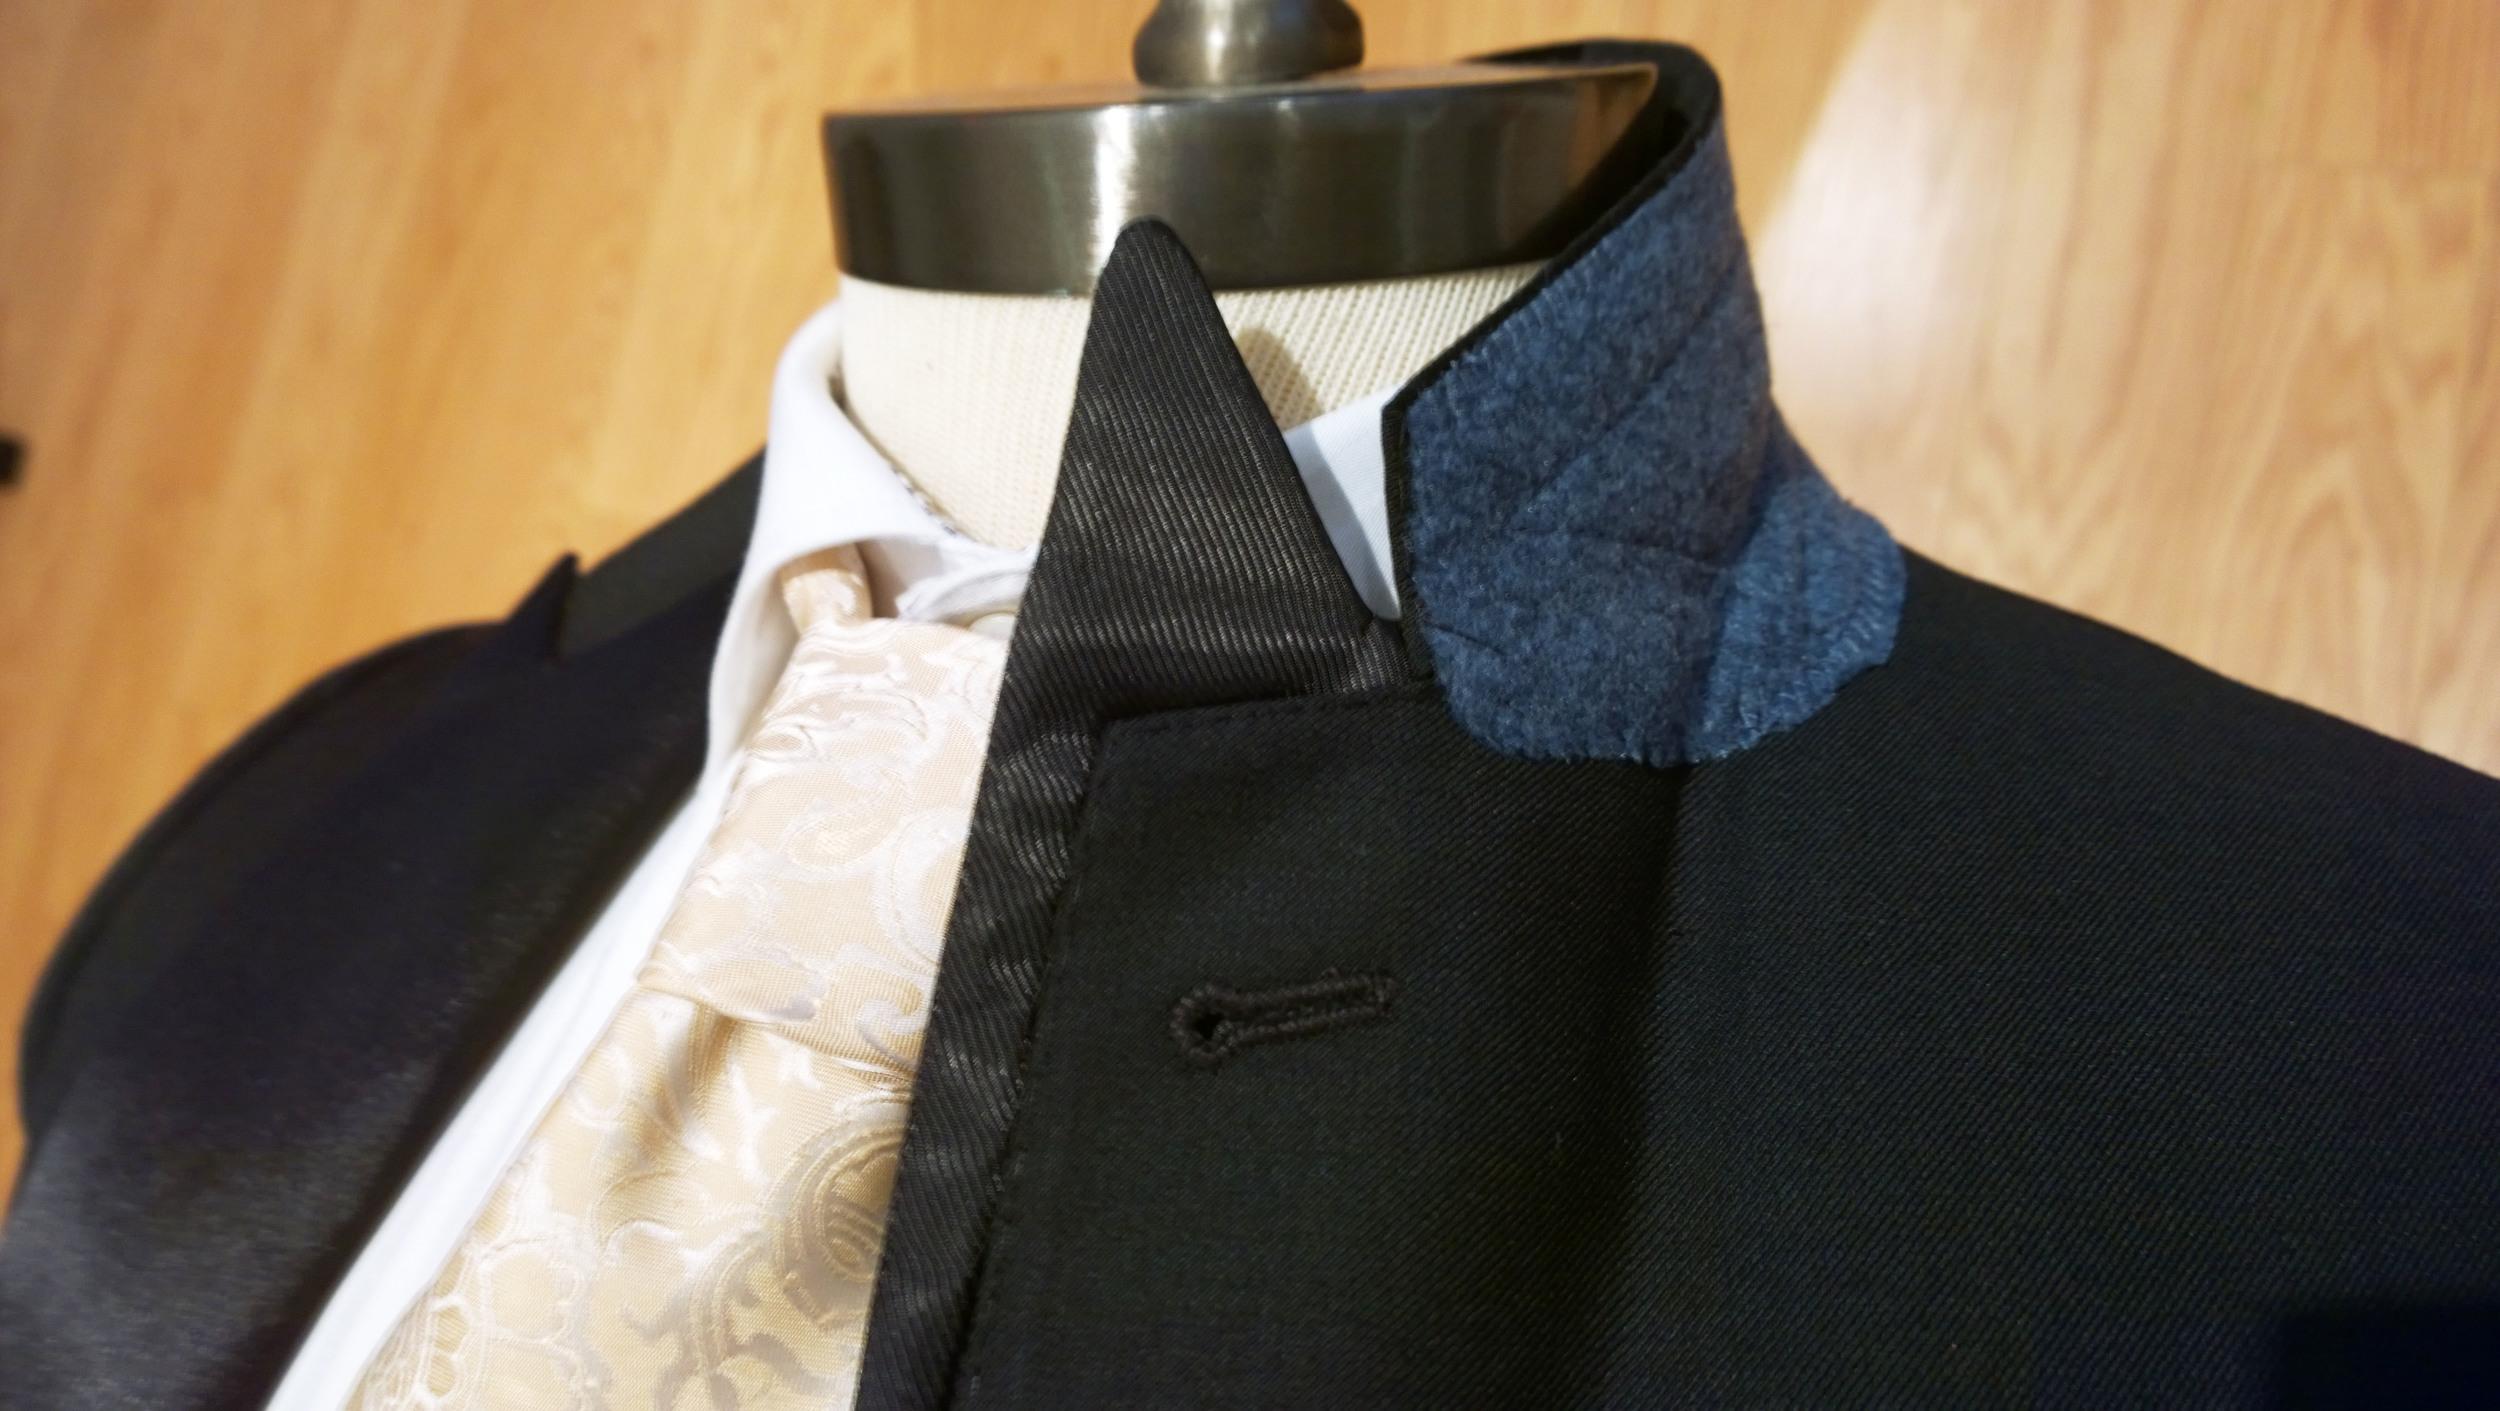 Moderation Suit - Removable Tuxedo Lapel